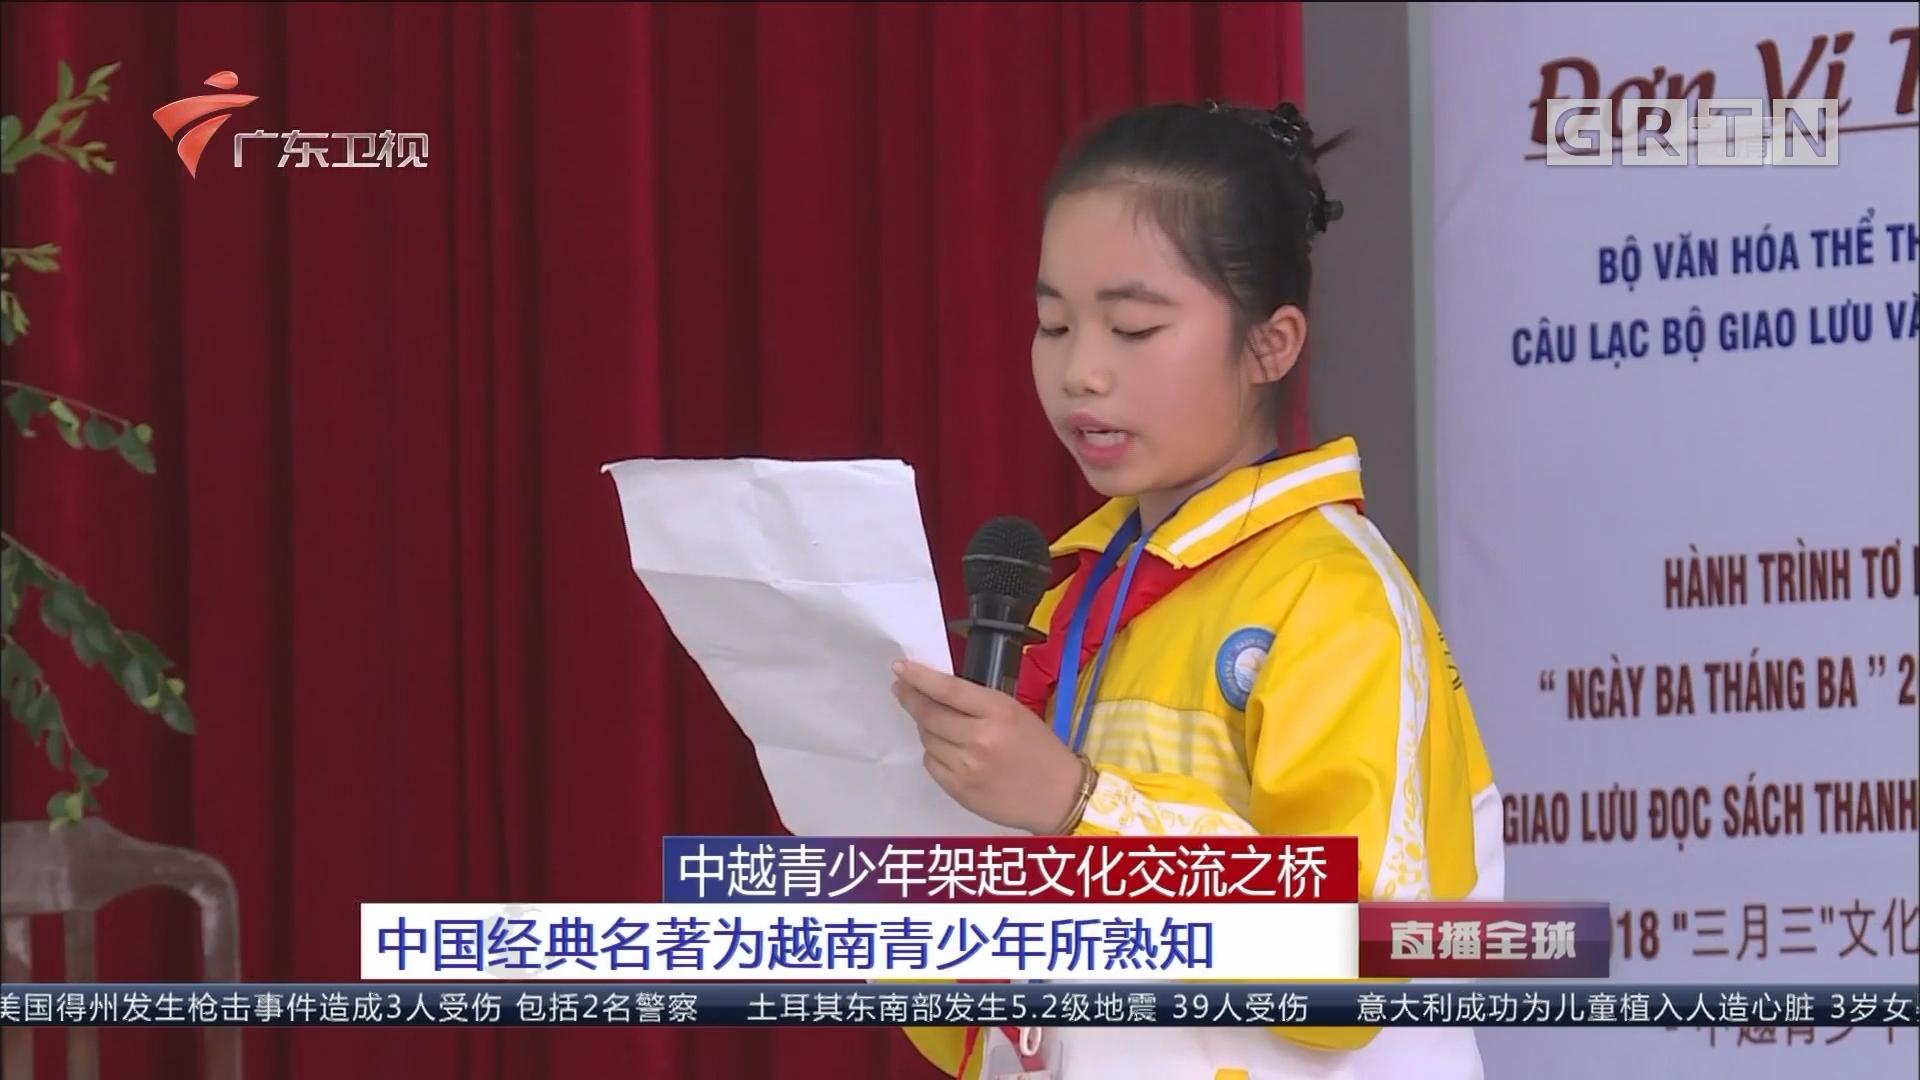 中越青少年架起文化交流之桥 中国经典名著为越南青少年所熟知